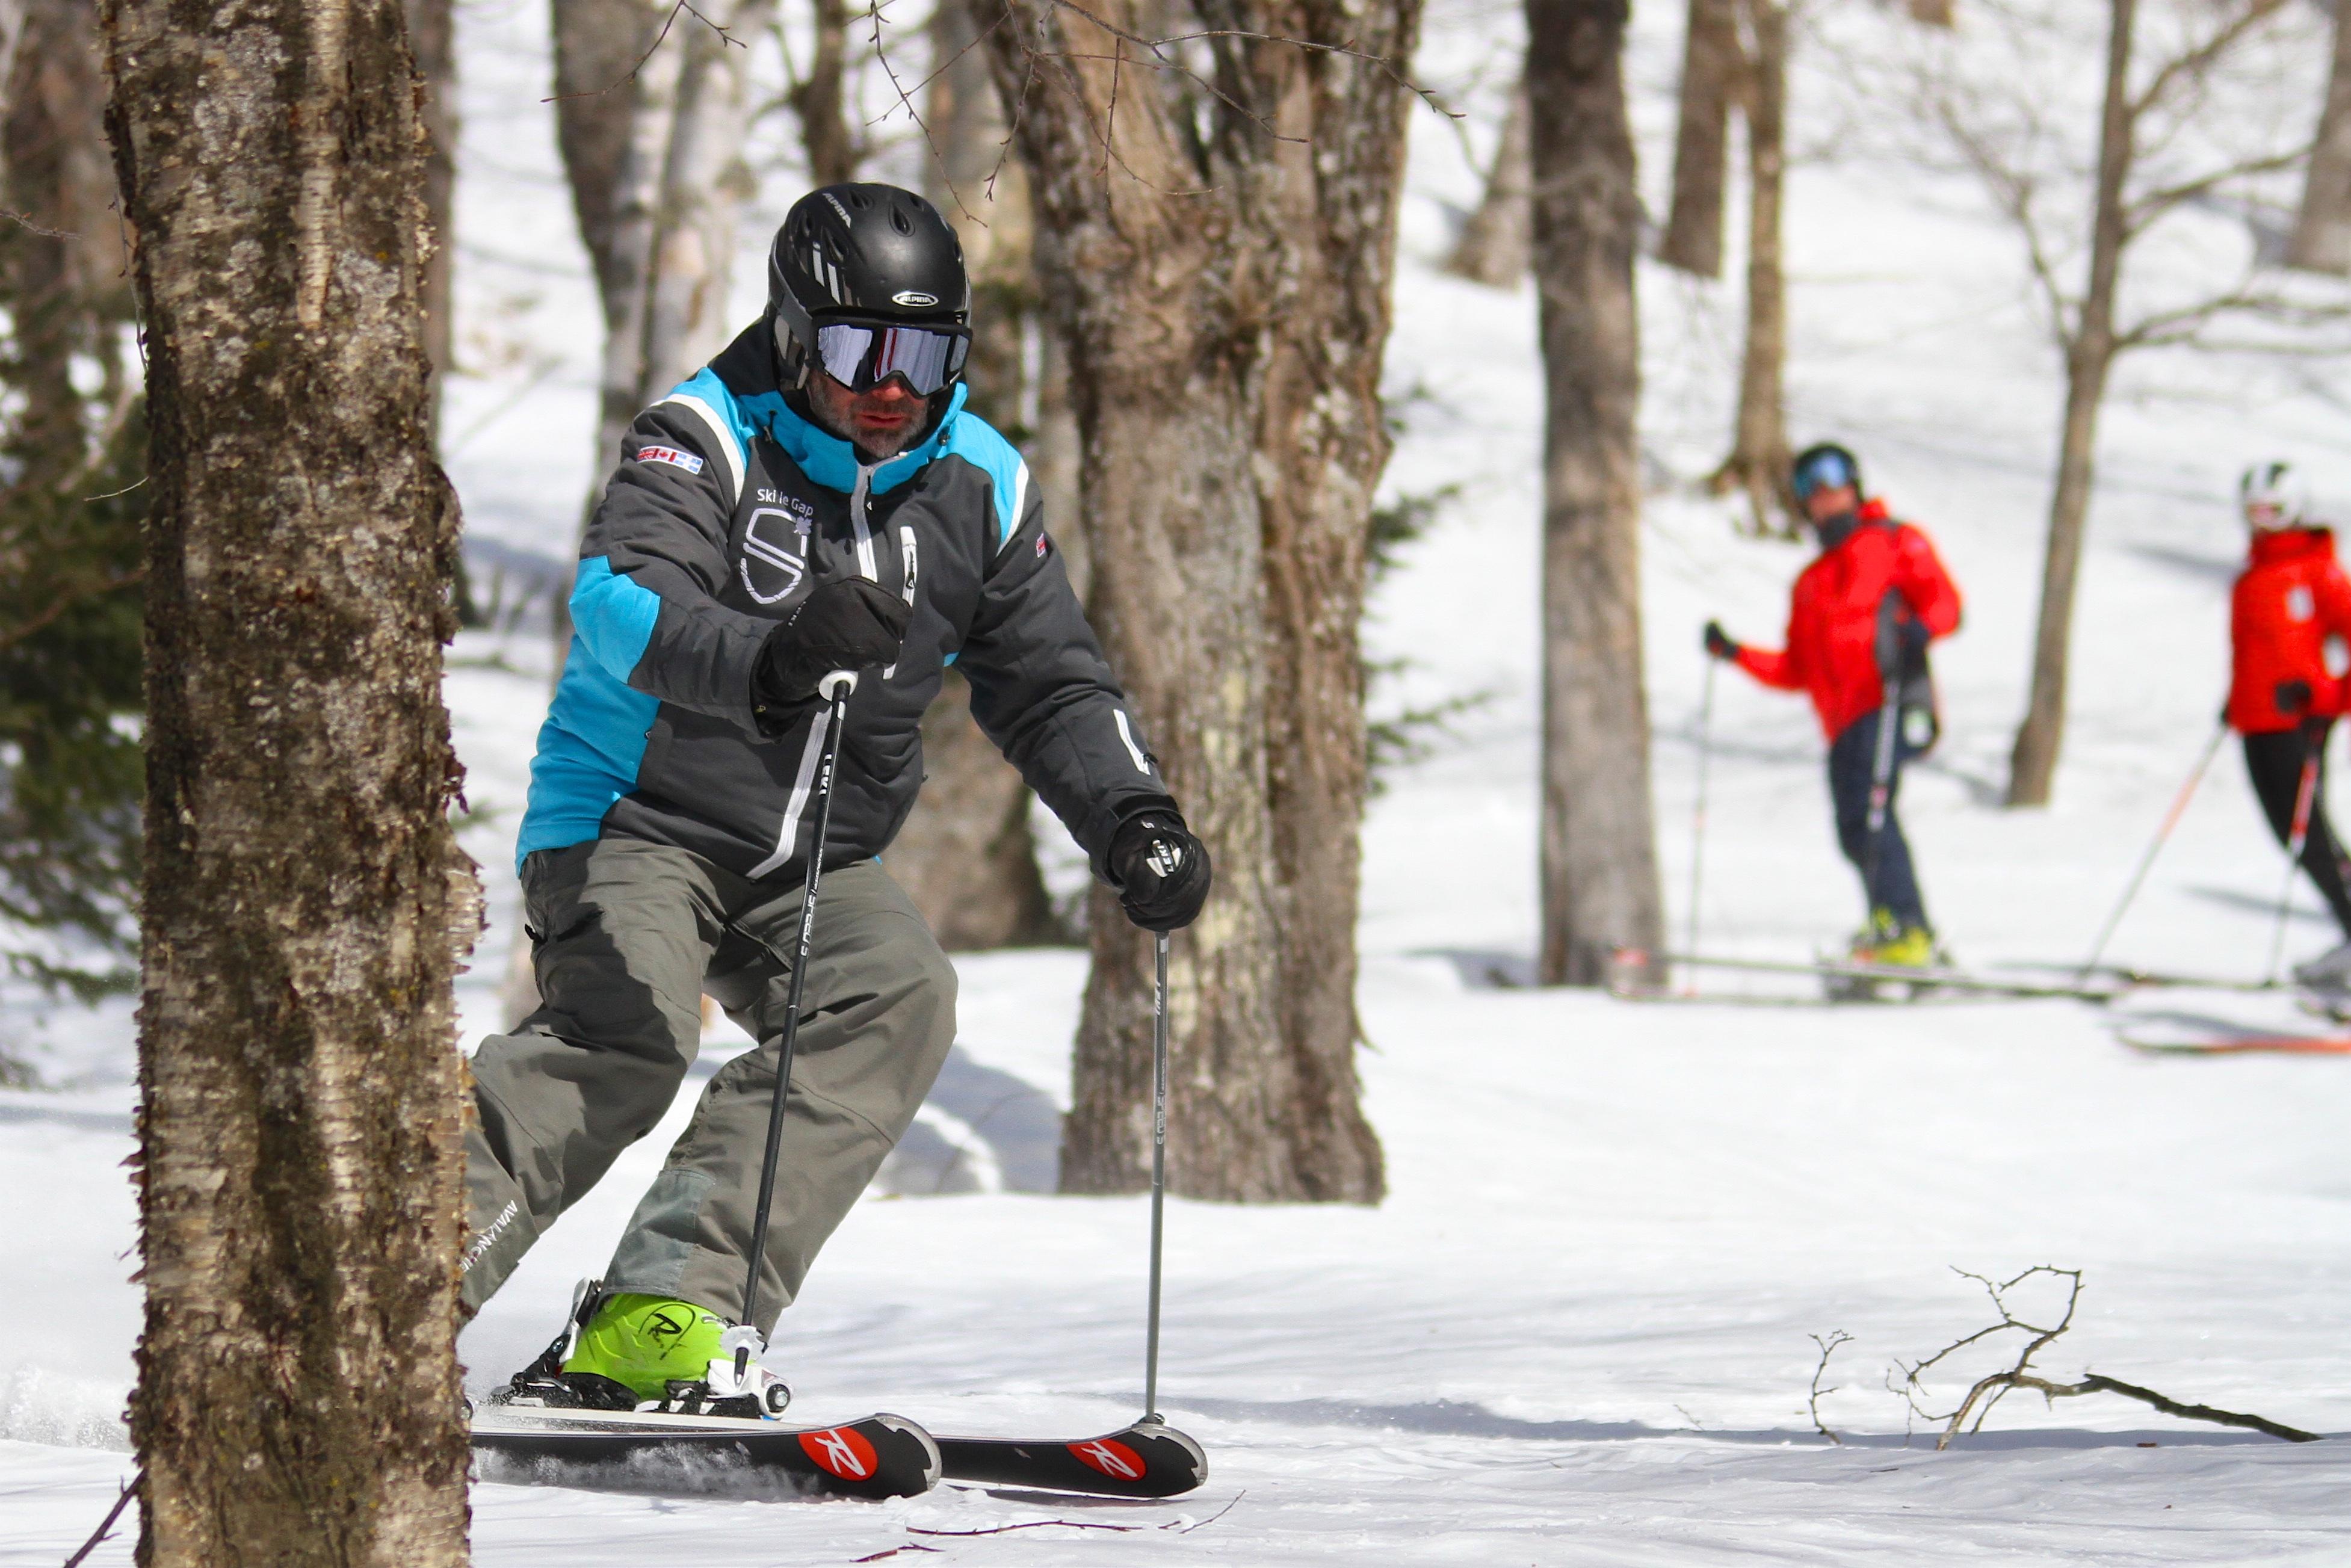 Gap Year Program - Ski le Gap: Ultimate Ski Experience  2